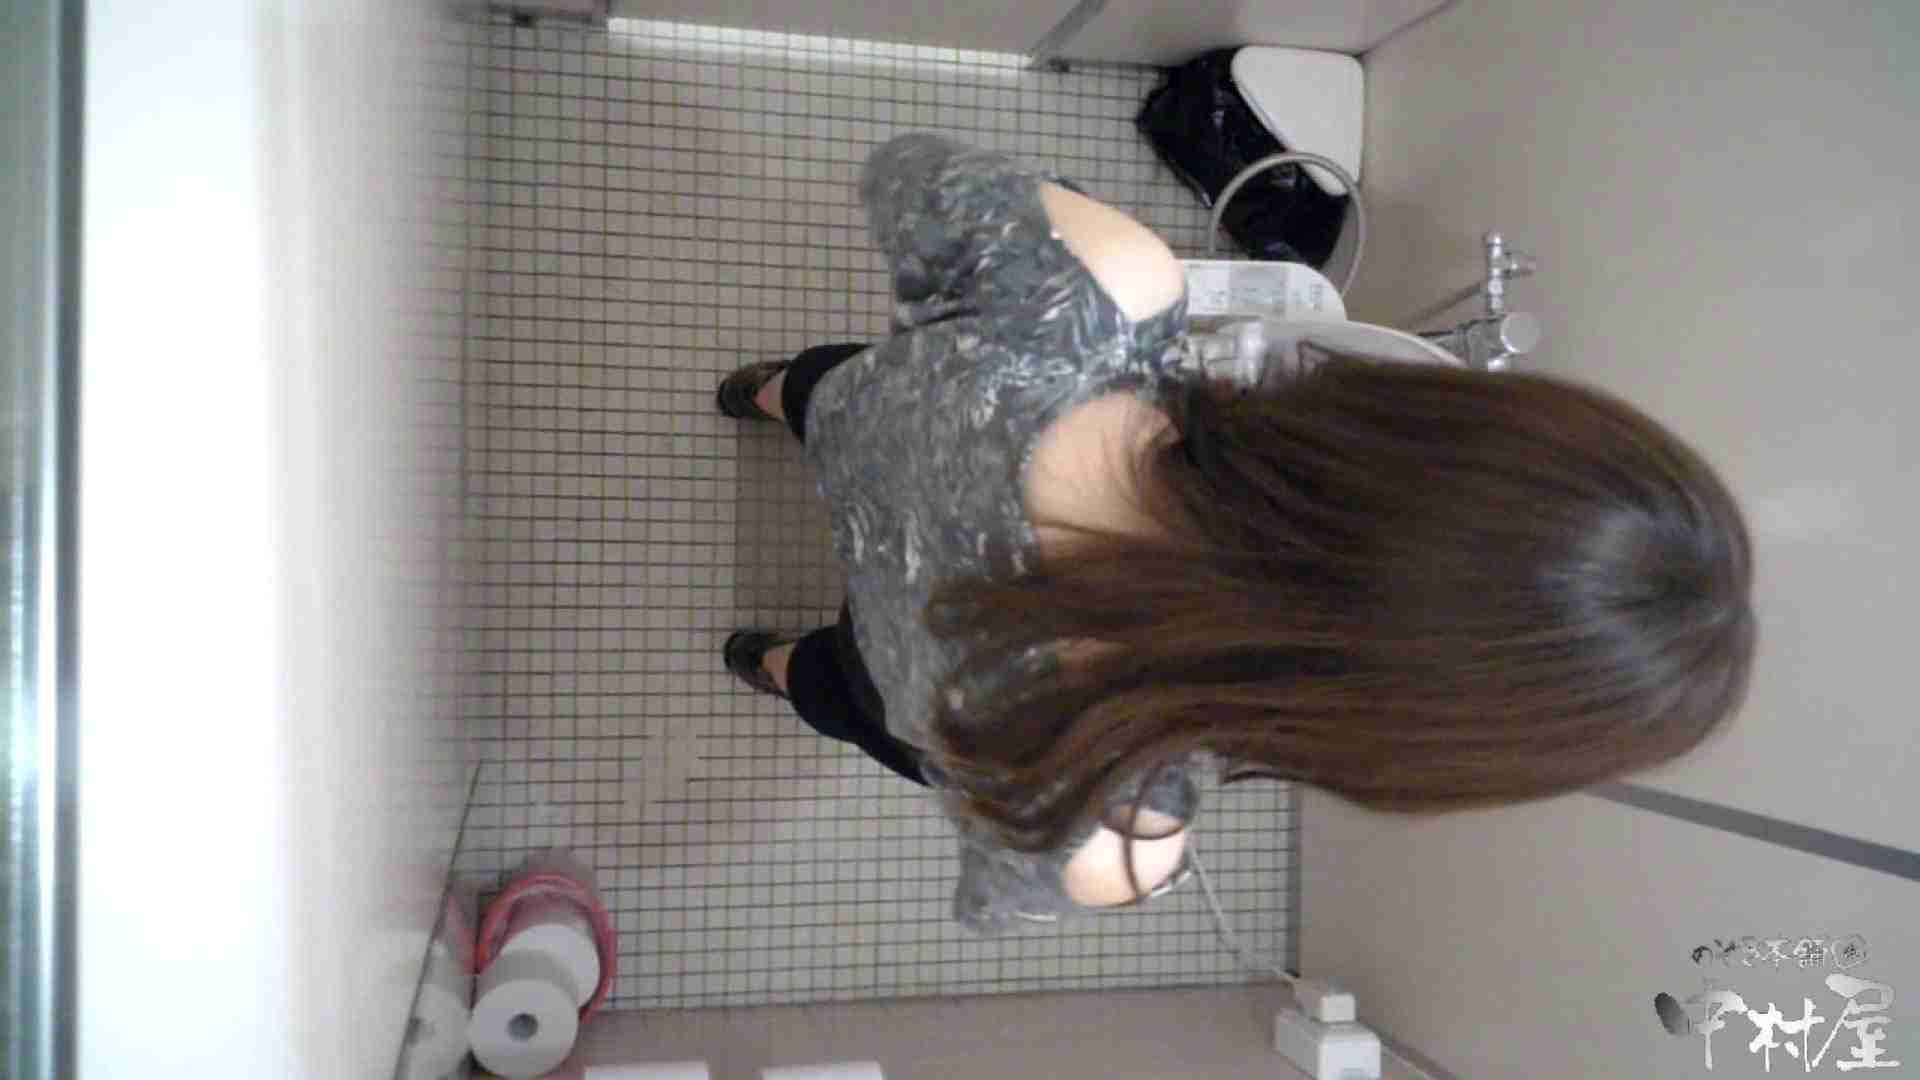 【某有名大学女性洗面所】有名大学女性洗面所 vol.43 いつみても神秘的な世界です。 0  105pic 6